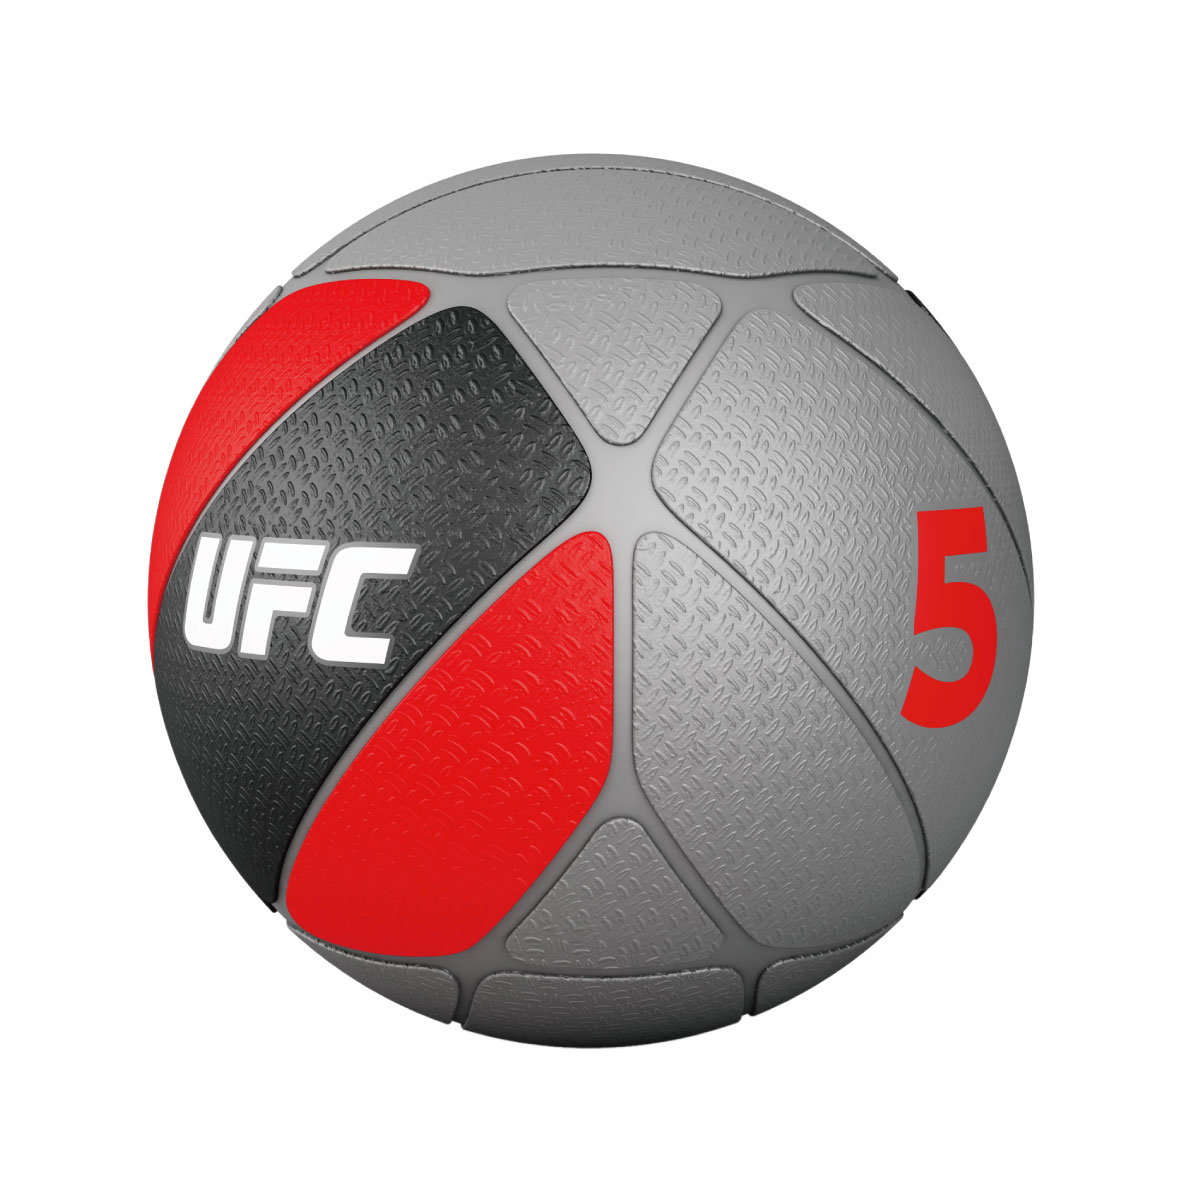 メディシンボール/ウエイトボール5個セット(2kg-10kg)〈業務用〉《総合格闘技UFCオフィシャル》